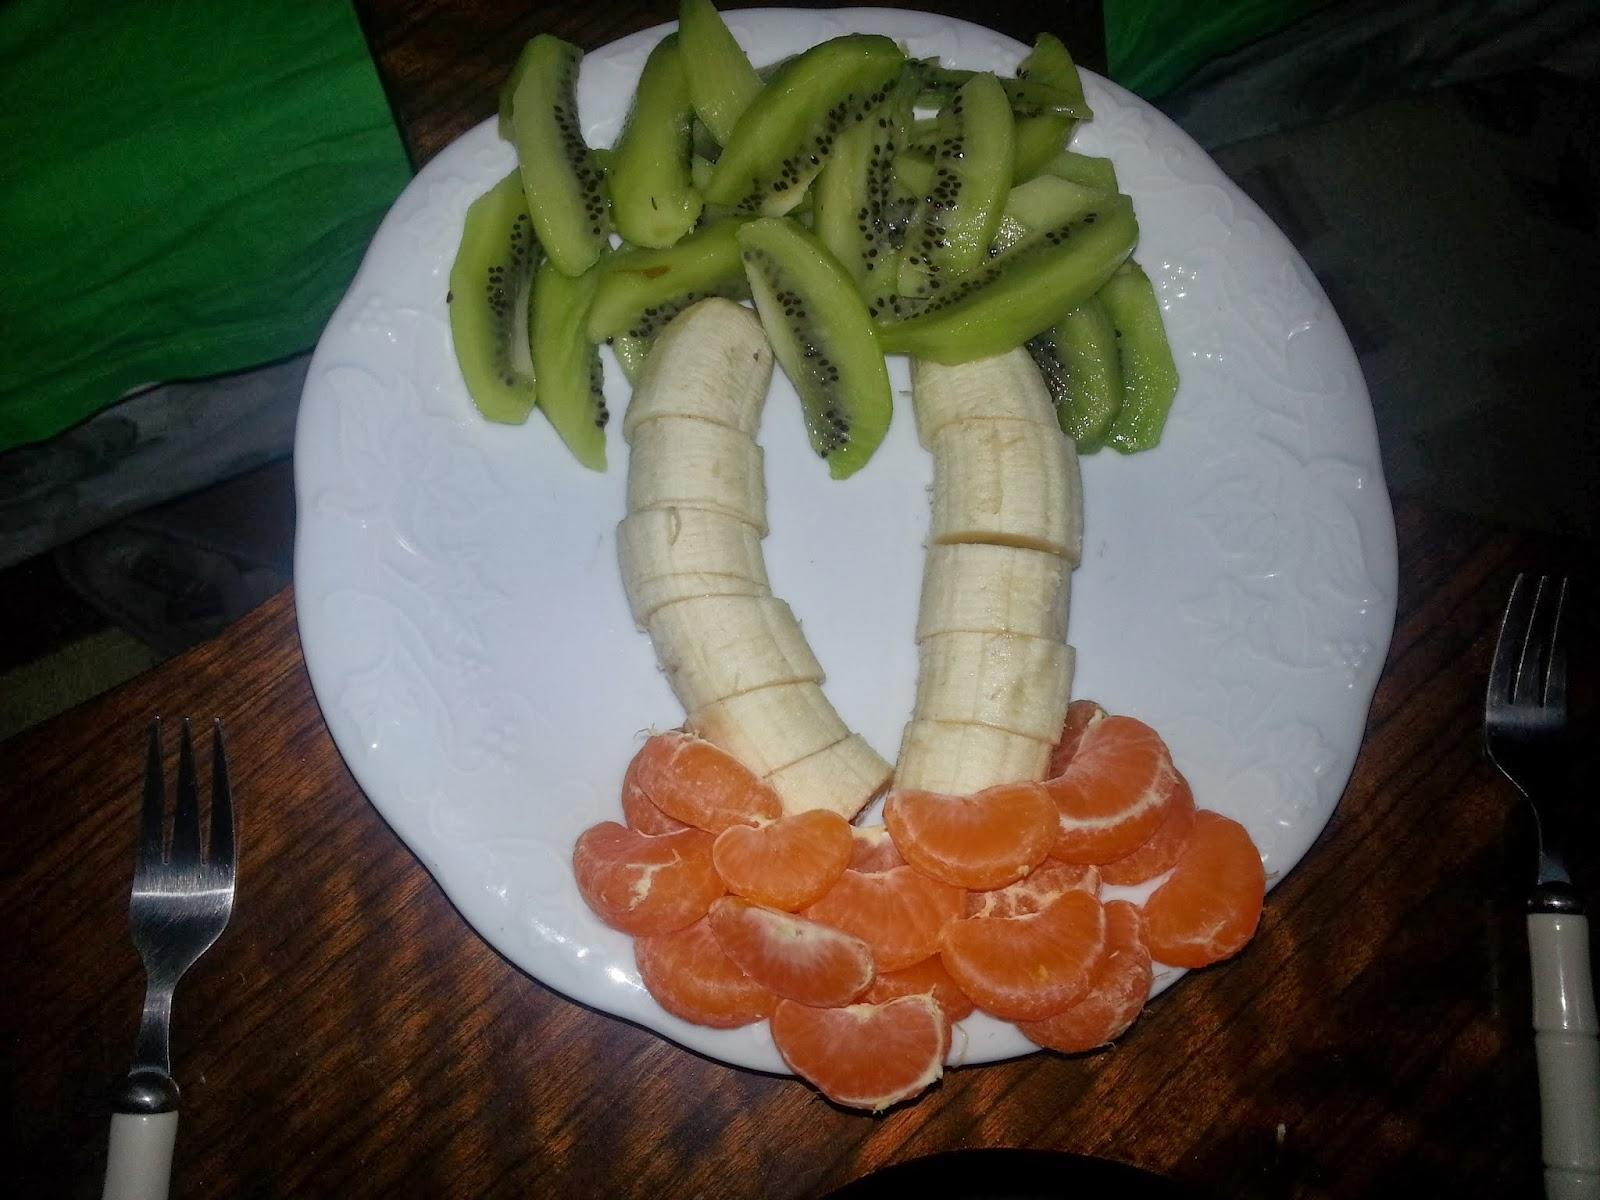 palmiye meyve tabağı